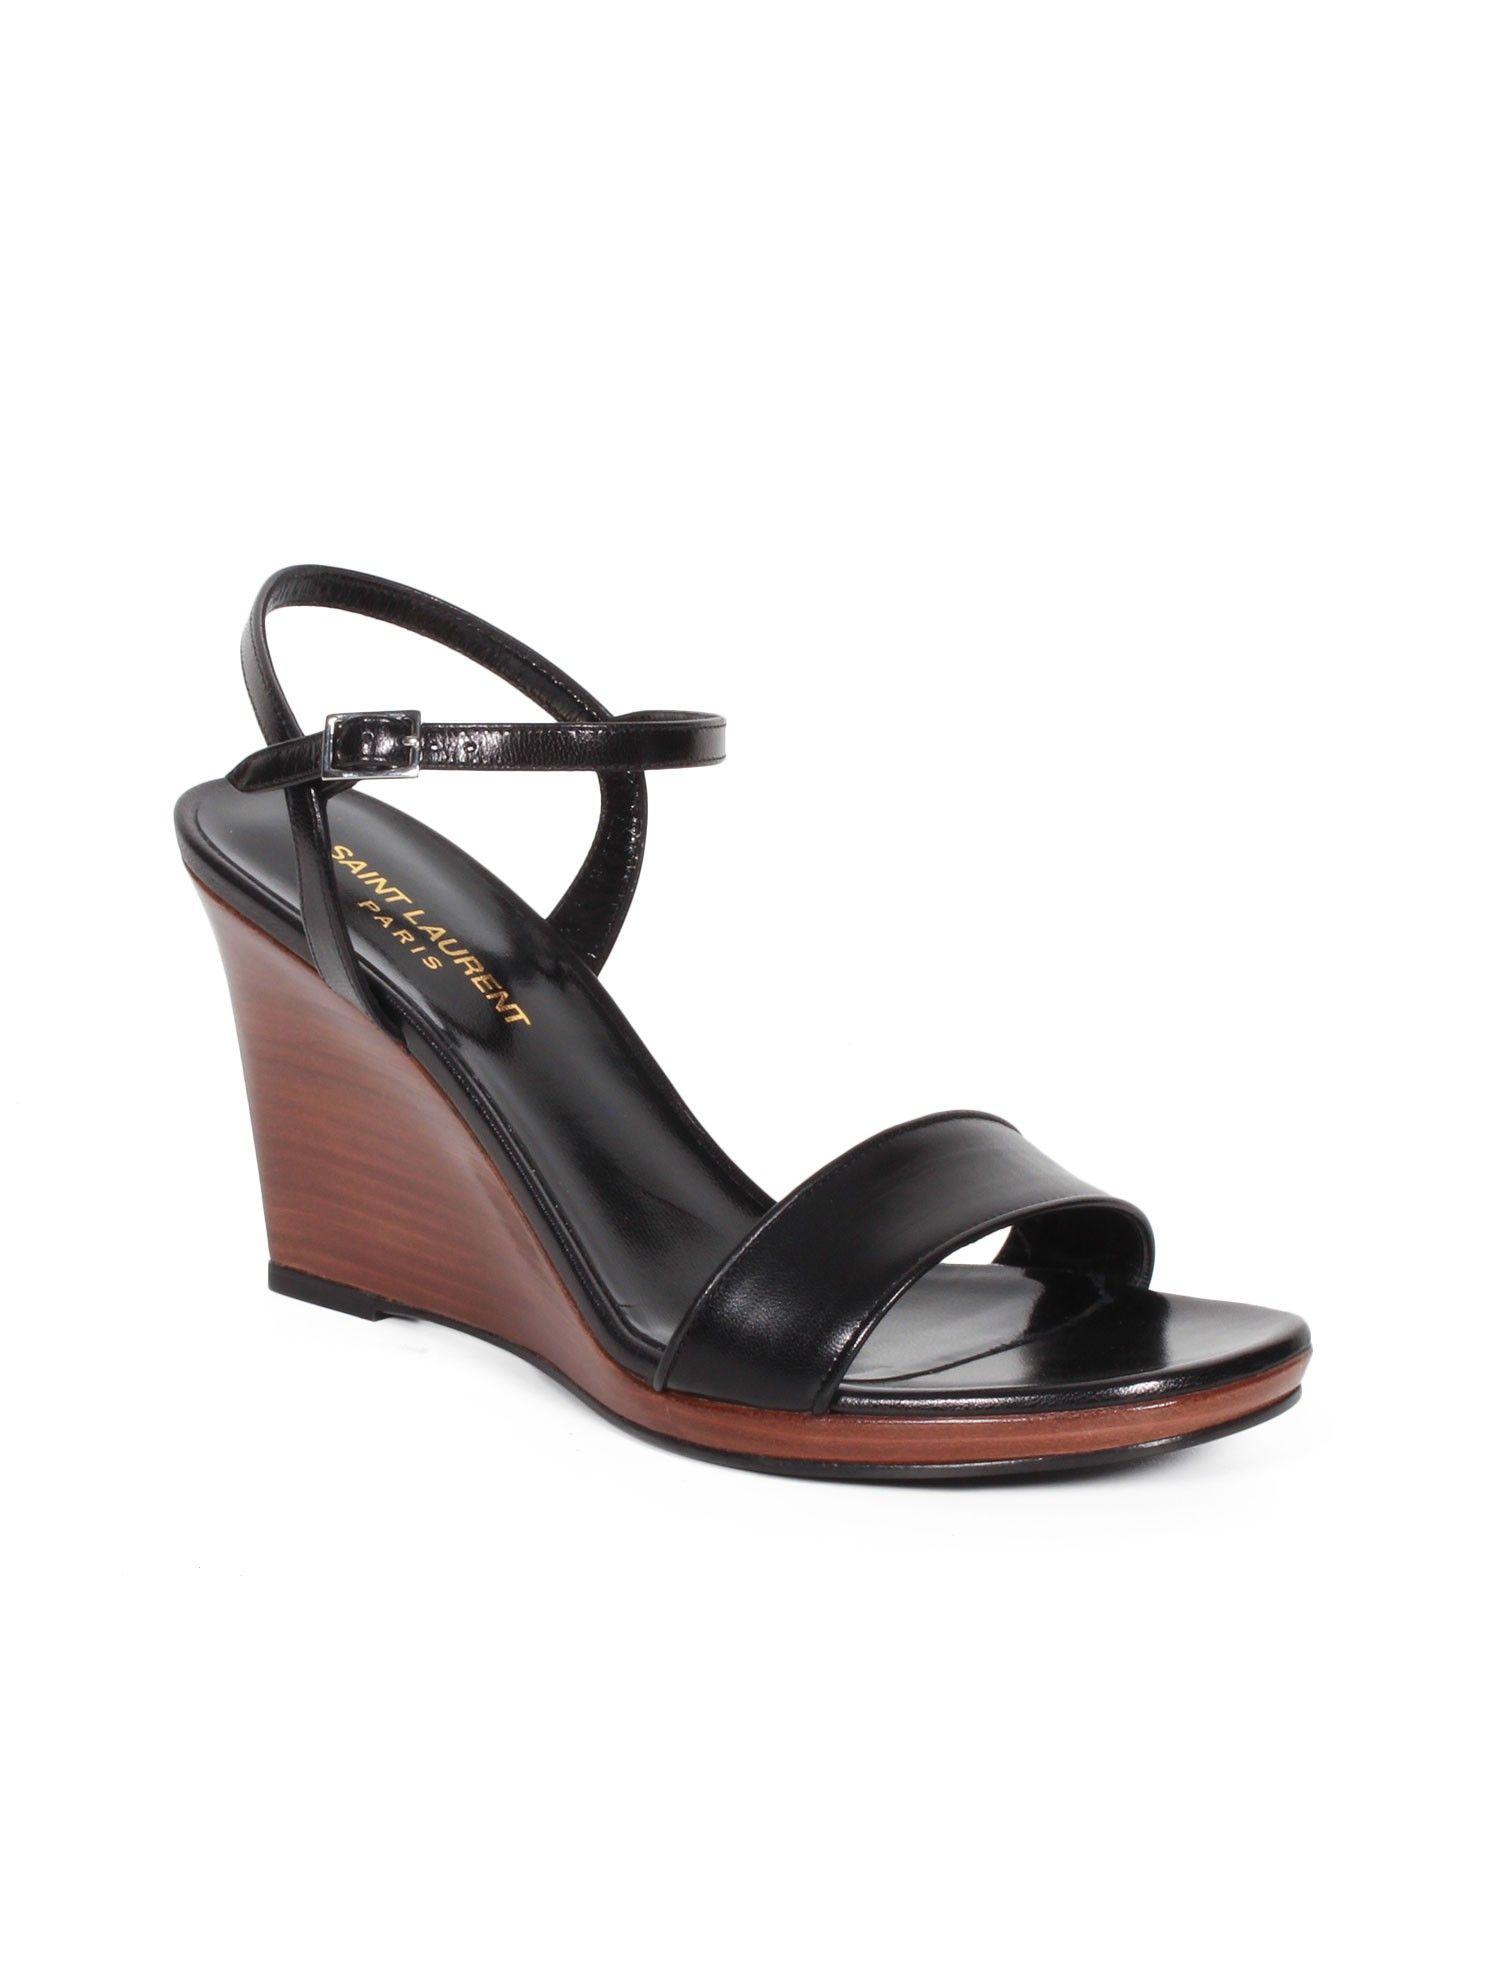 chaussures femme - saint laurent paris - sandales compensées